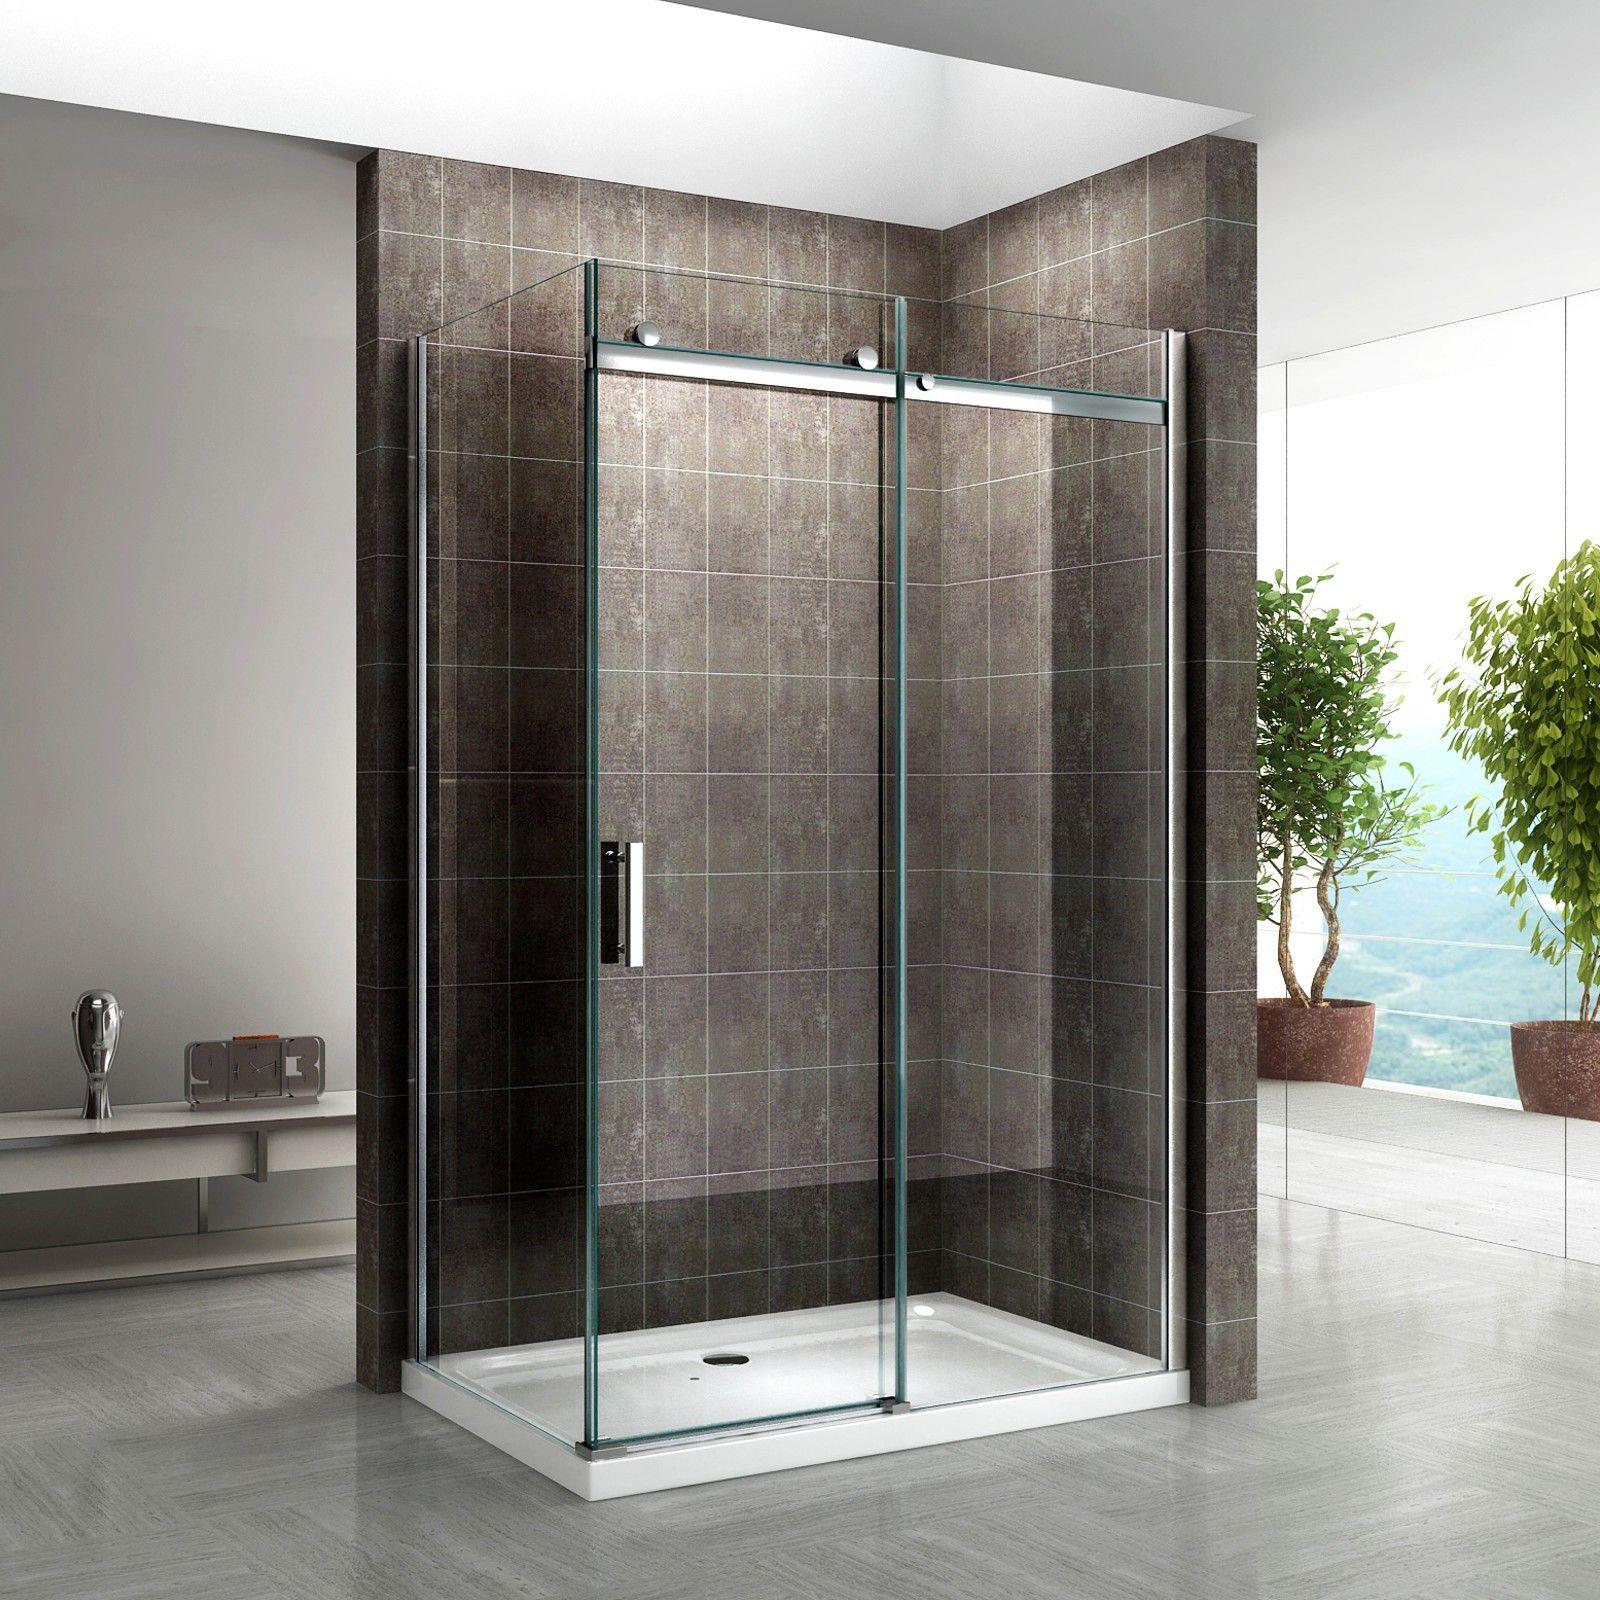 Shower Enclosure Door & Panel 800 x 1200mm Left | Shower wall panels ...